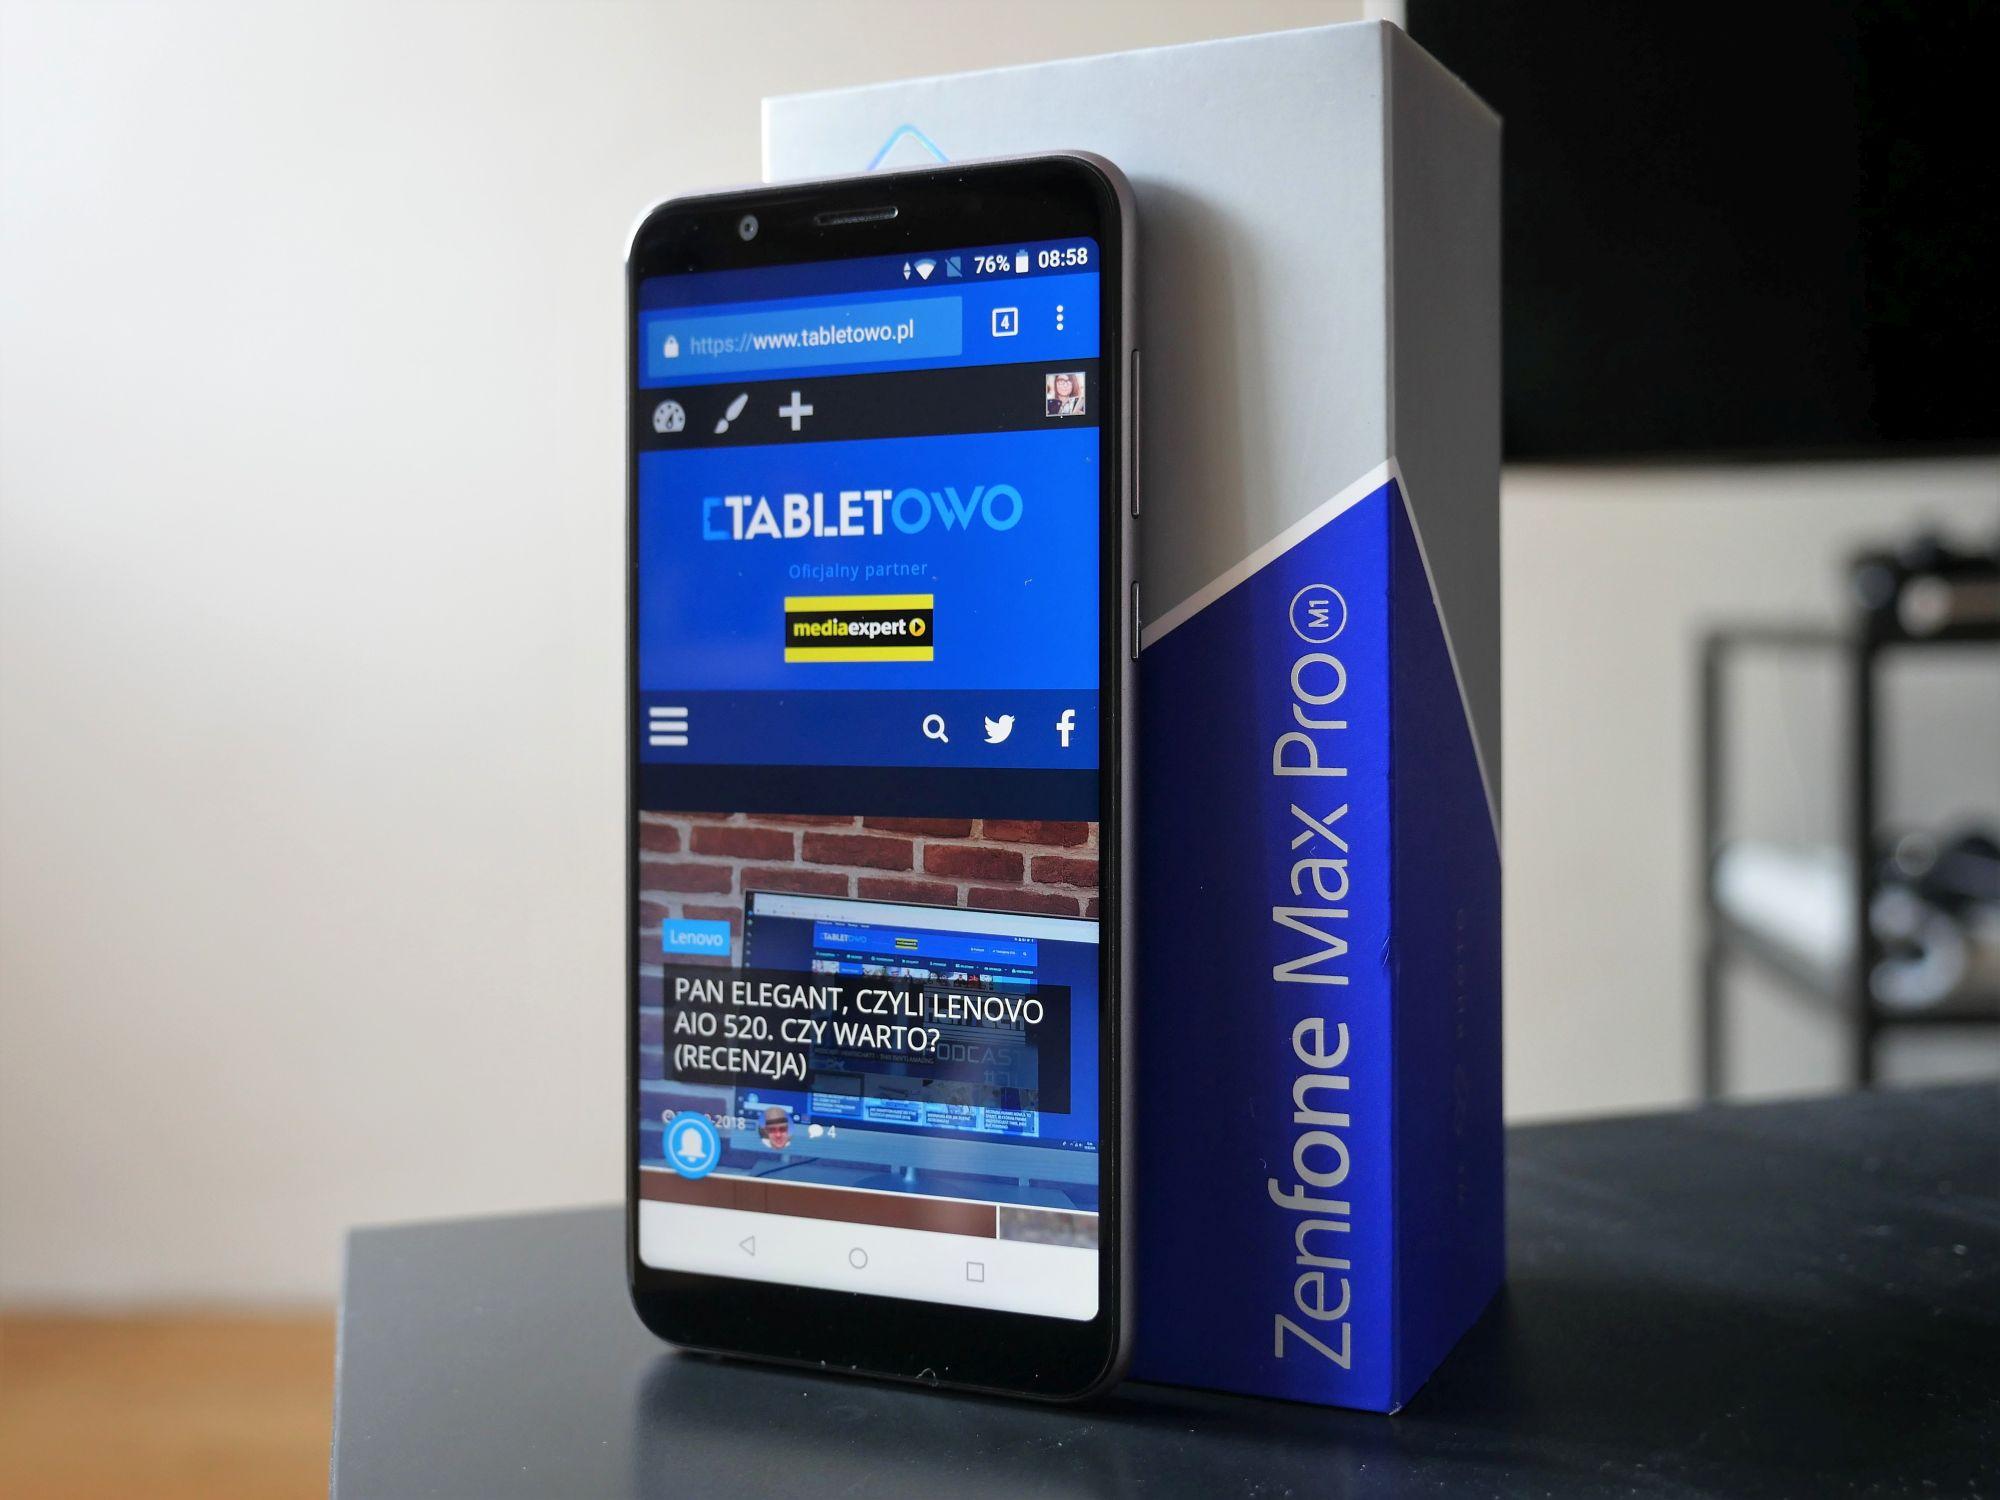 Tabletowo.pl Jaki smartfon z NFC warto kupić? (październik 2018) Android Asus Co kupić Huawei LG Motorola Nokia Nowości OnePlus Samsung Smartfony Zestawienia